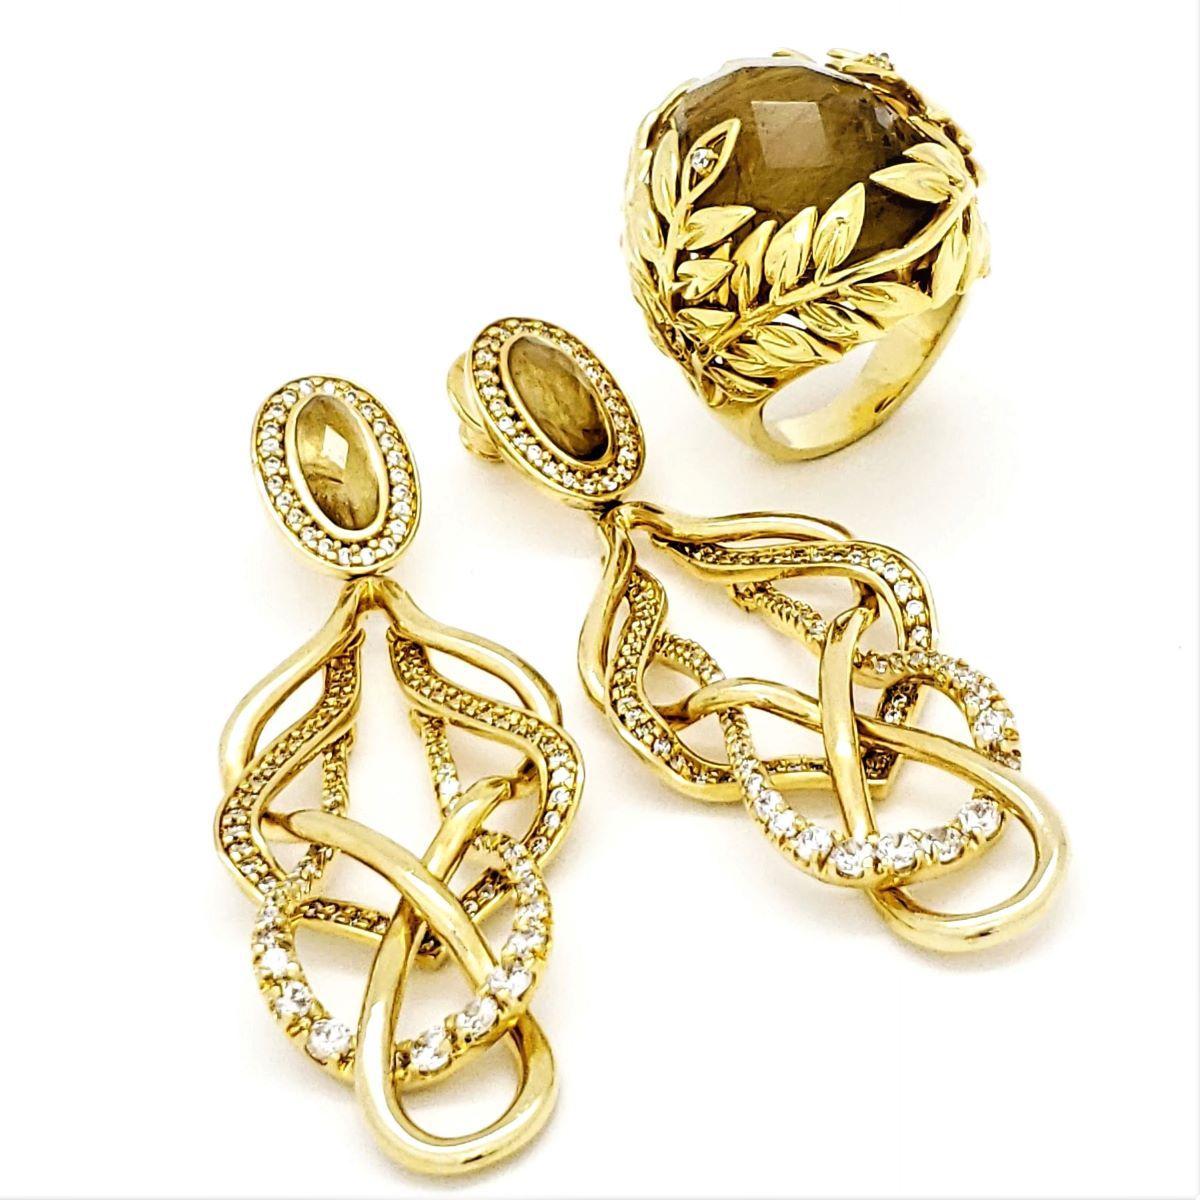 Anel e Brincos Rutilo Natural Cravejado Zirconias Banho Ouro 18k 797 856